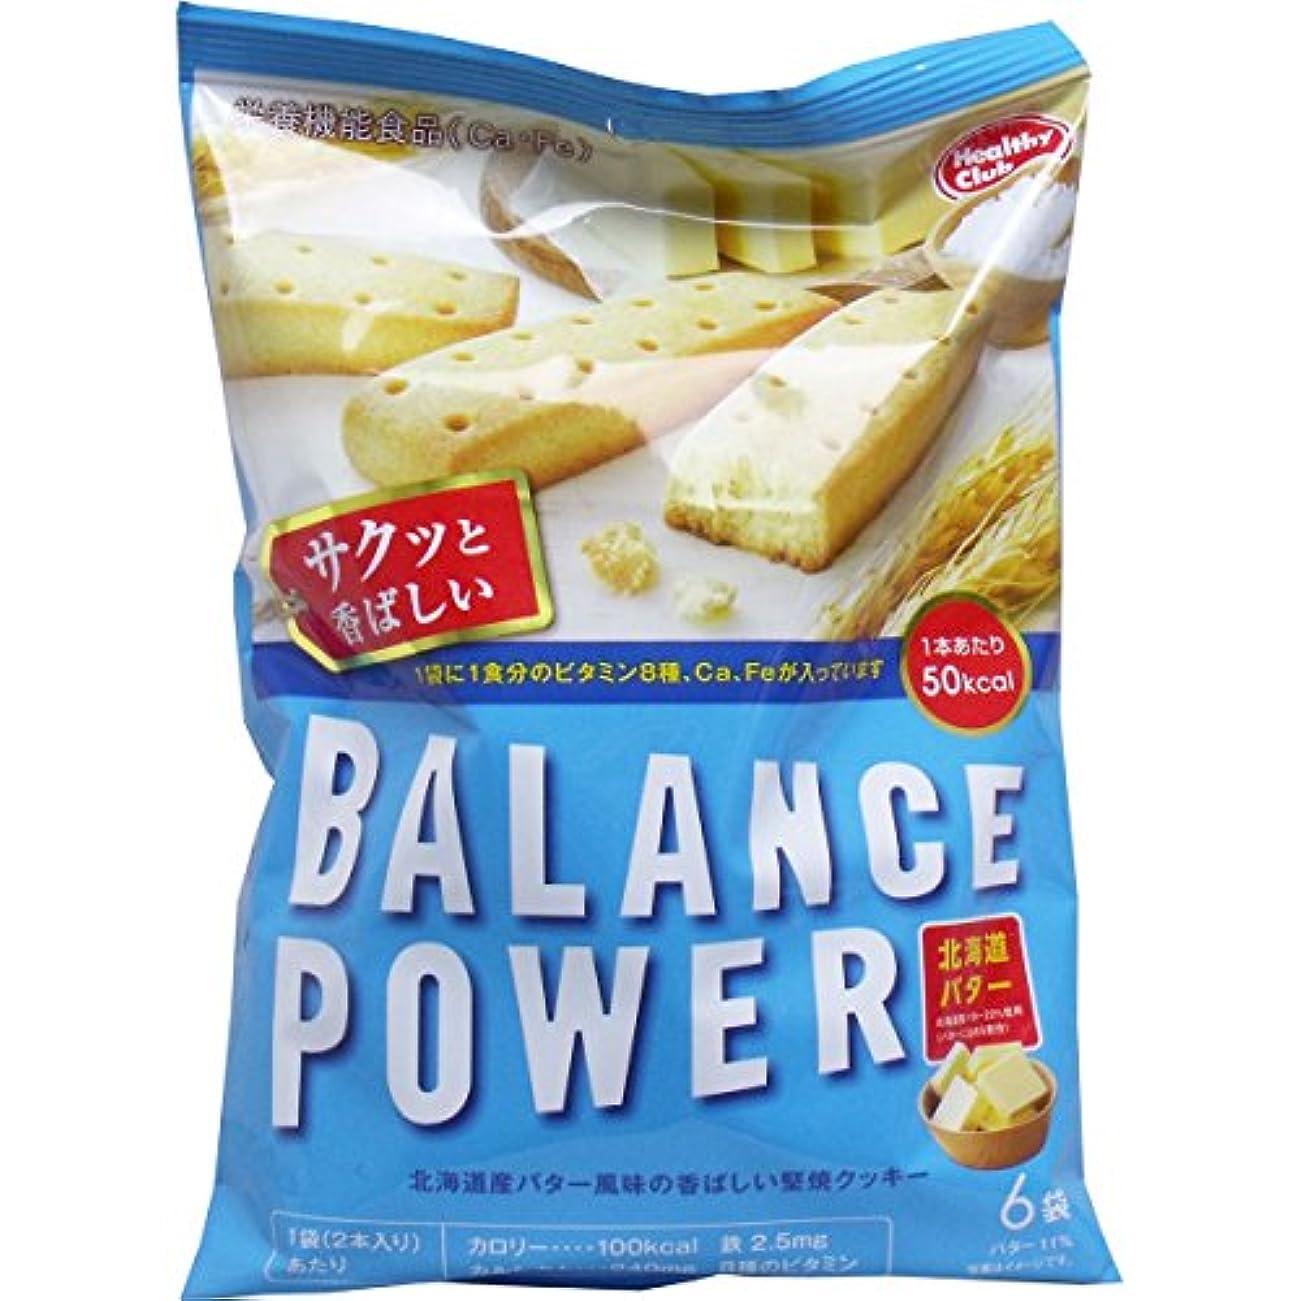 ボスカーペット市民バランスパワー 北海道バター味 6袋(12本)入